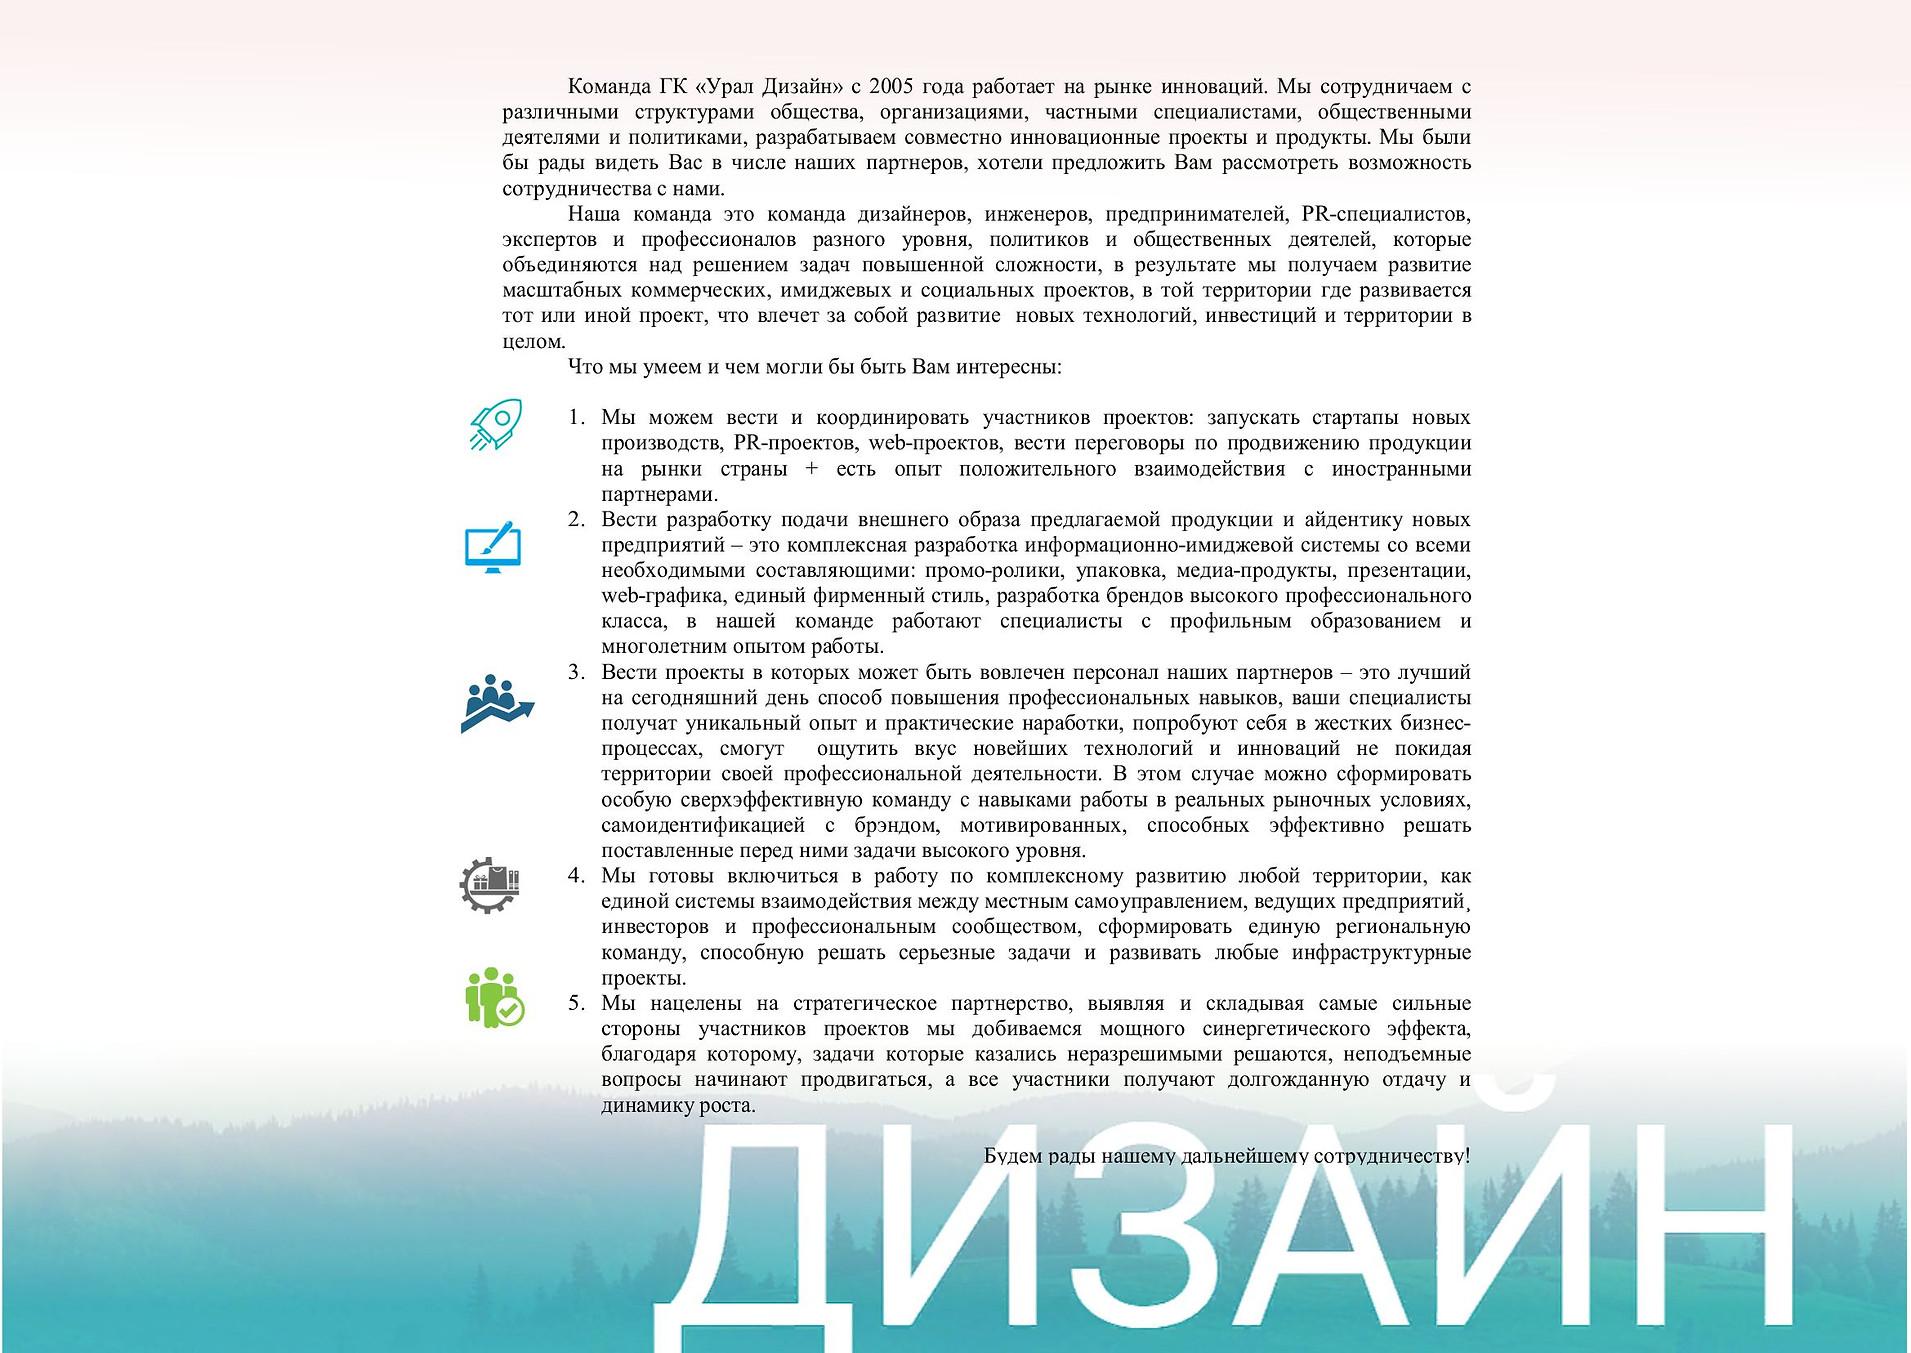 блан7.7 для сайта.jpg